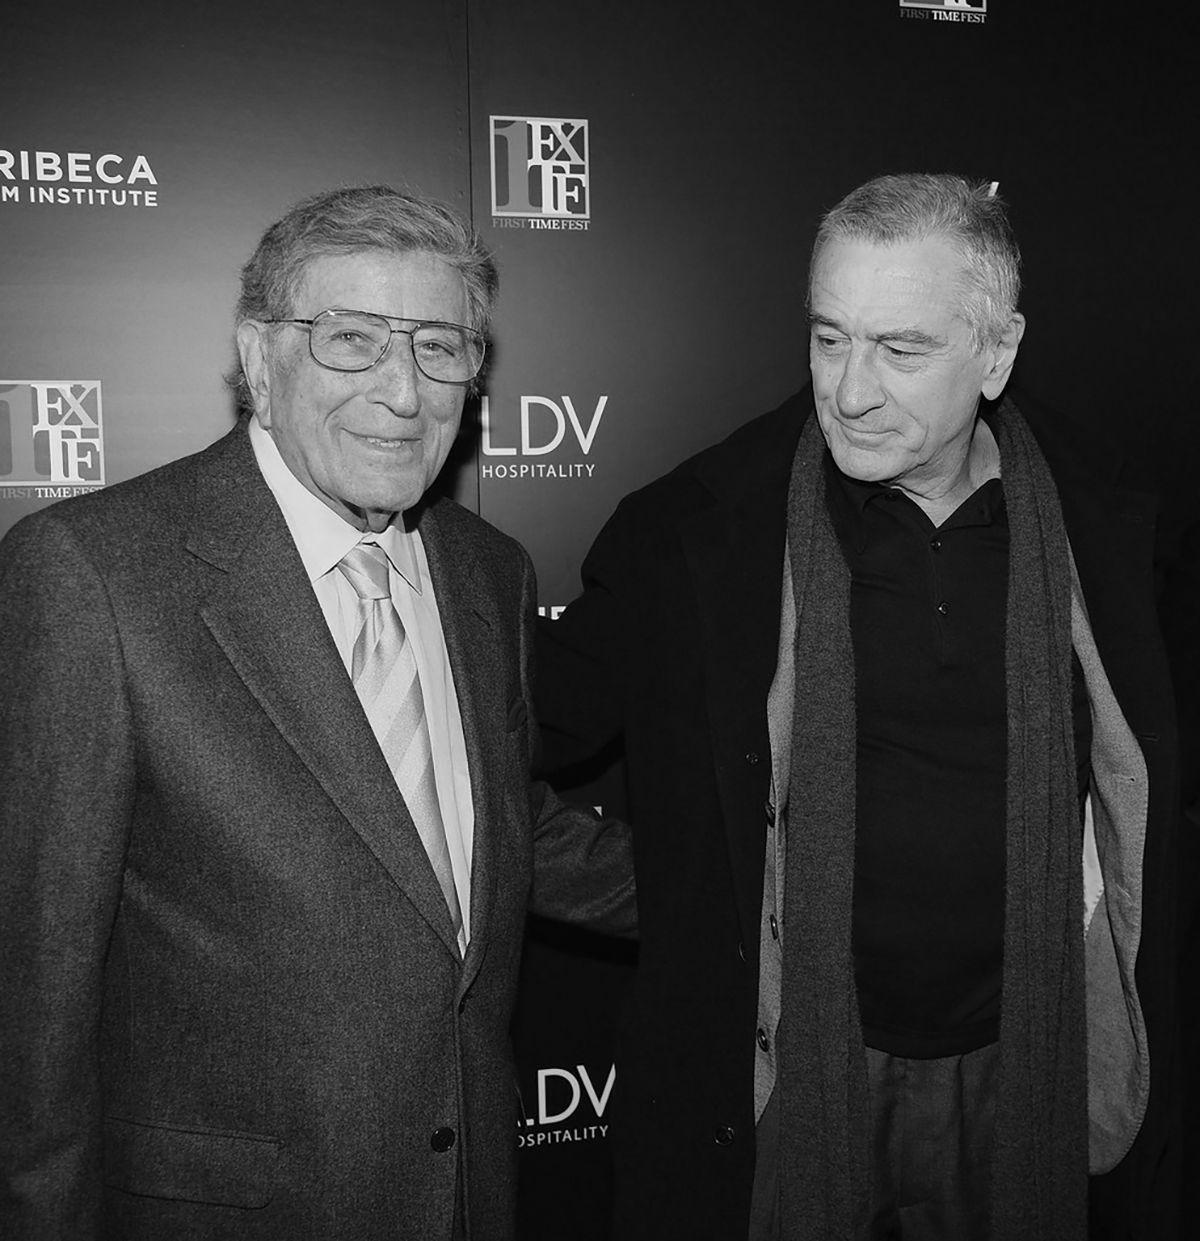 Tribeca Film Festival Event